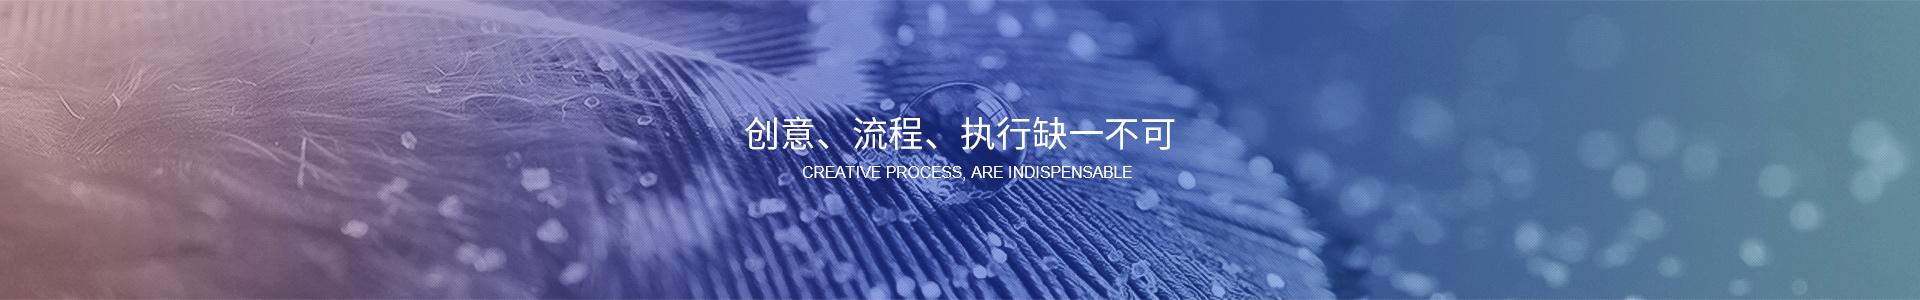 创意、流程、执行缺一不可